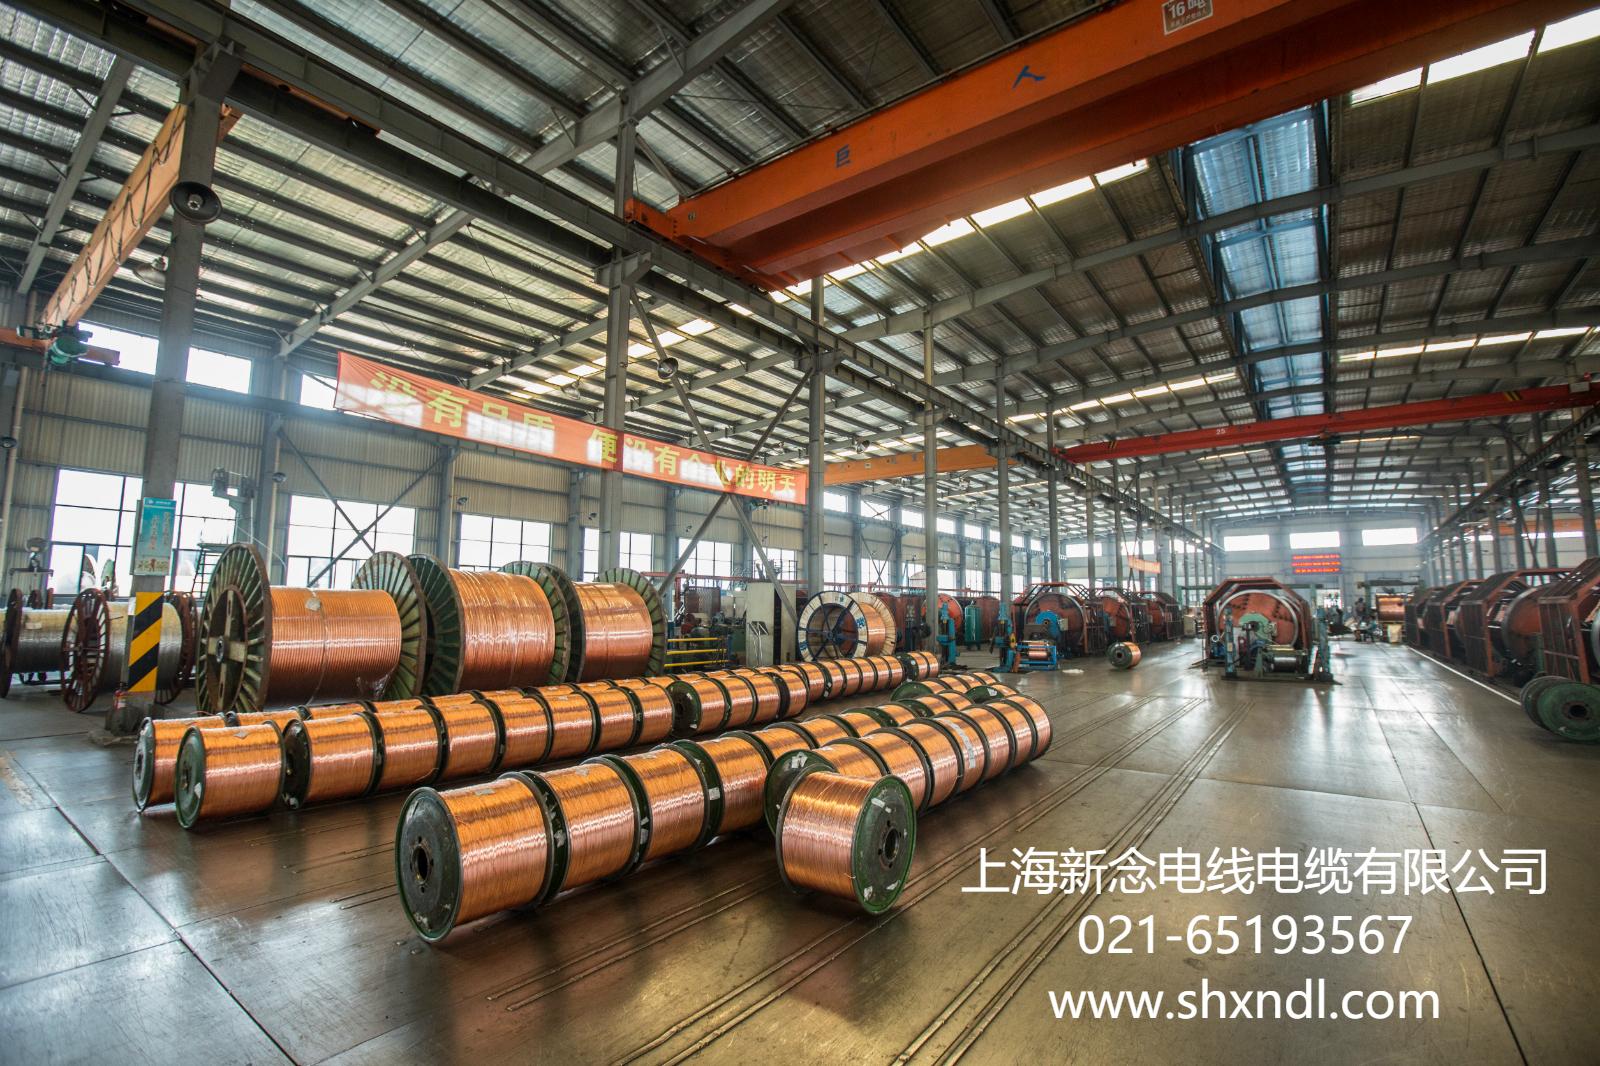 上海新念电缆厂房